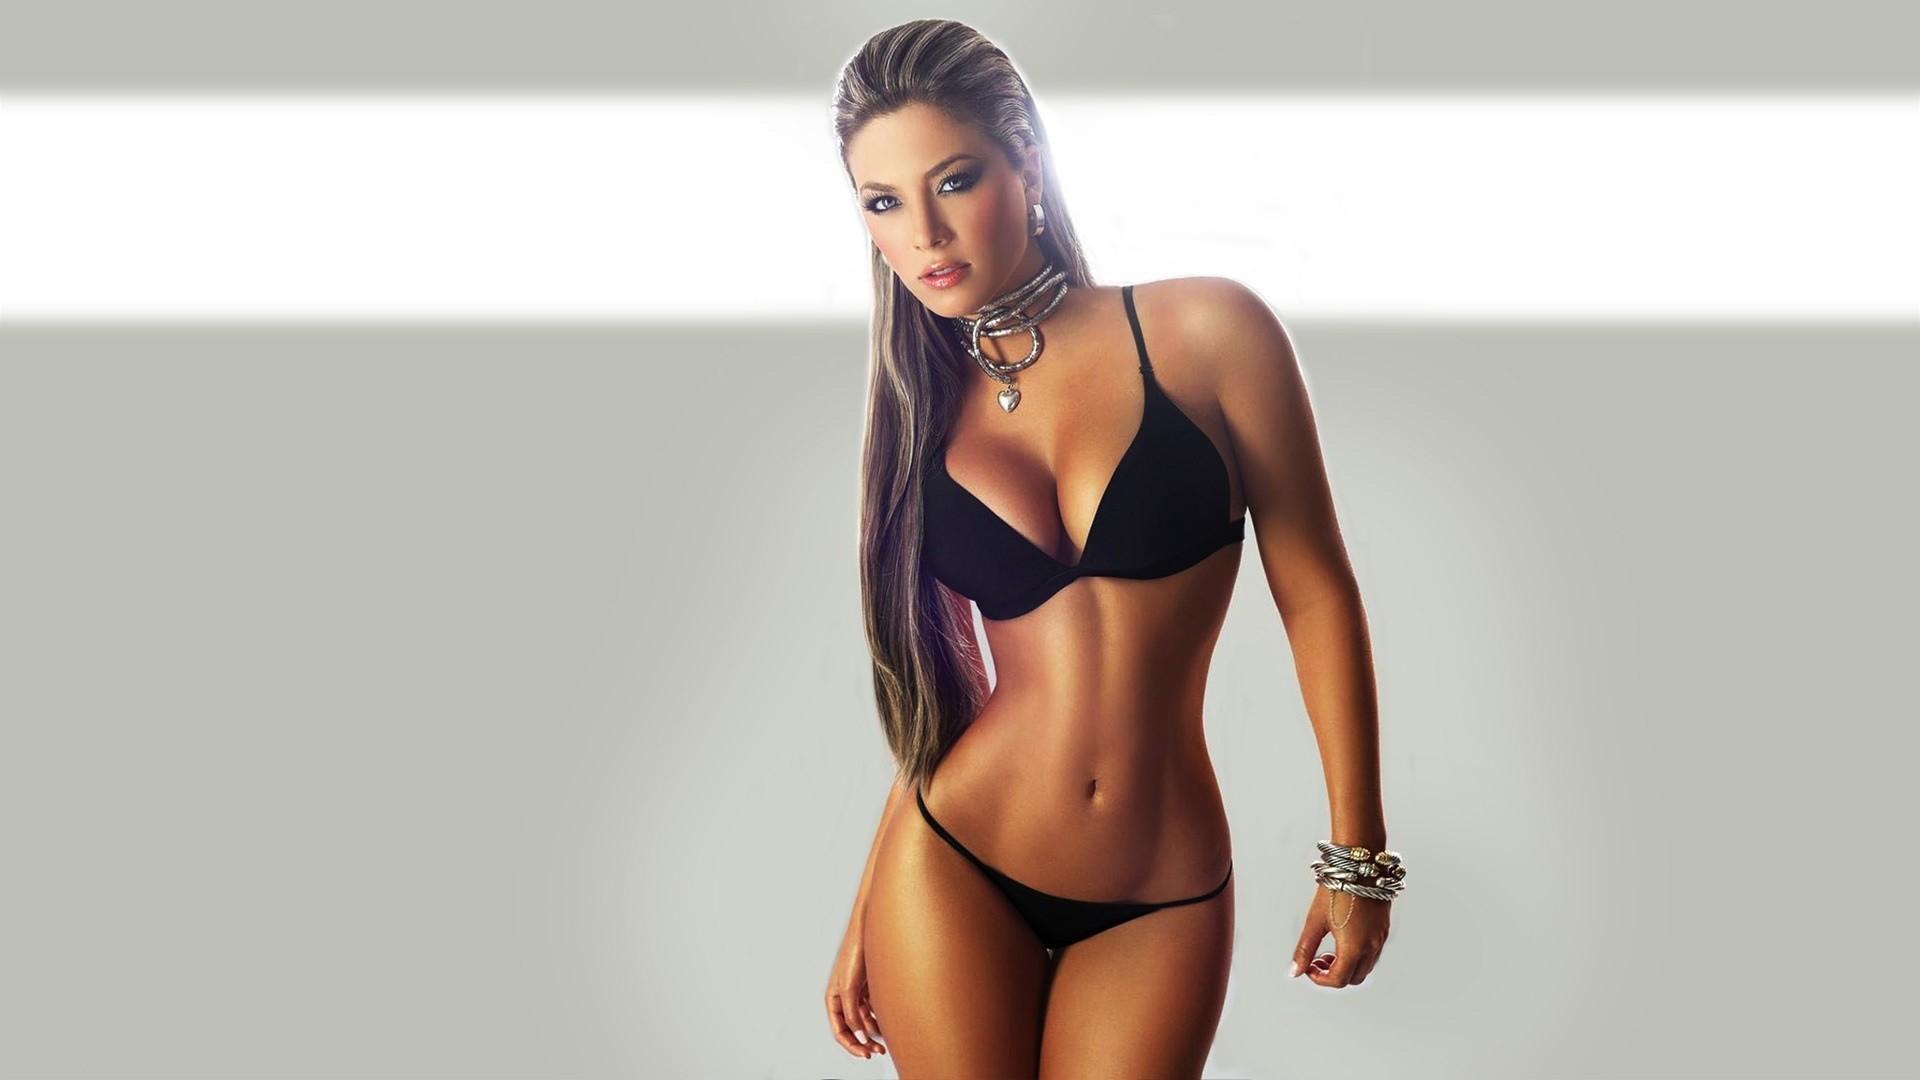 Daniela Tamayo Hd Wallpaper